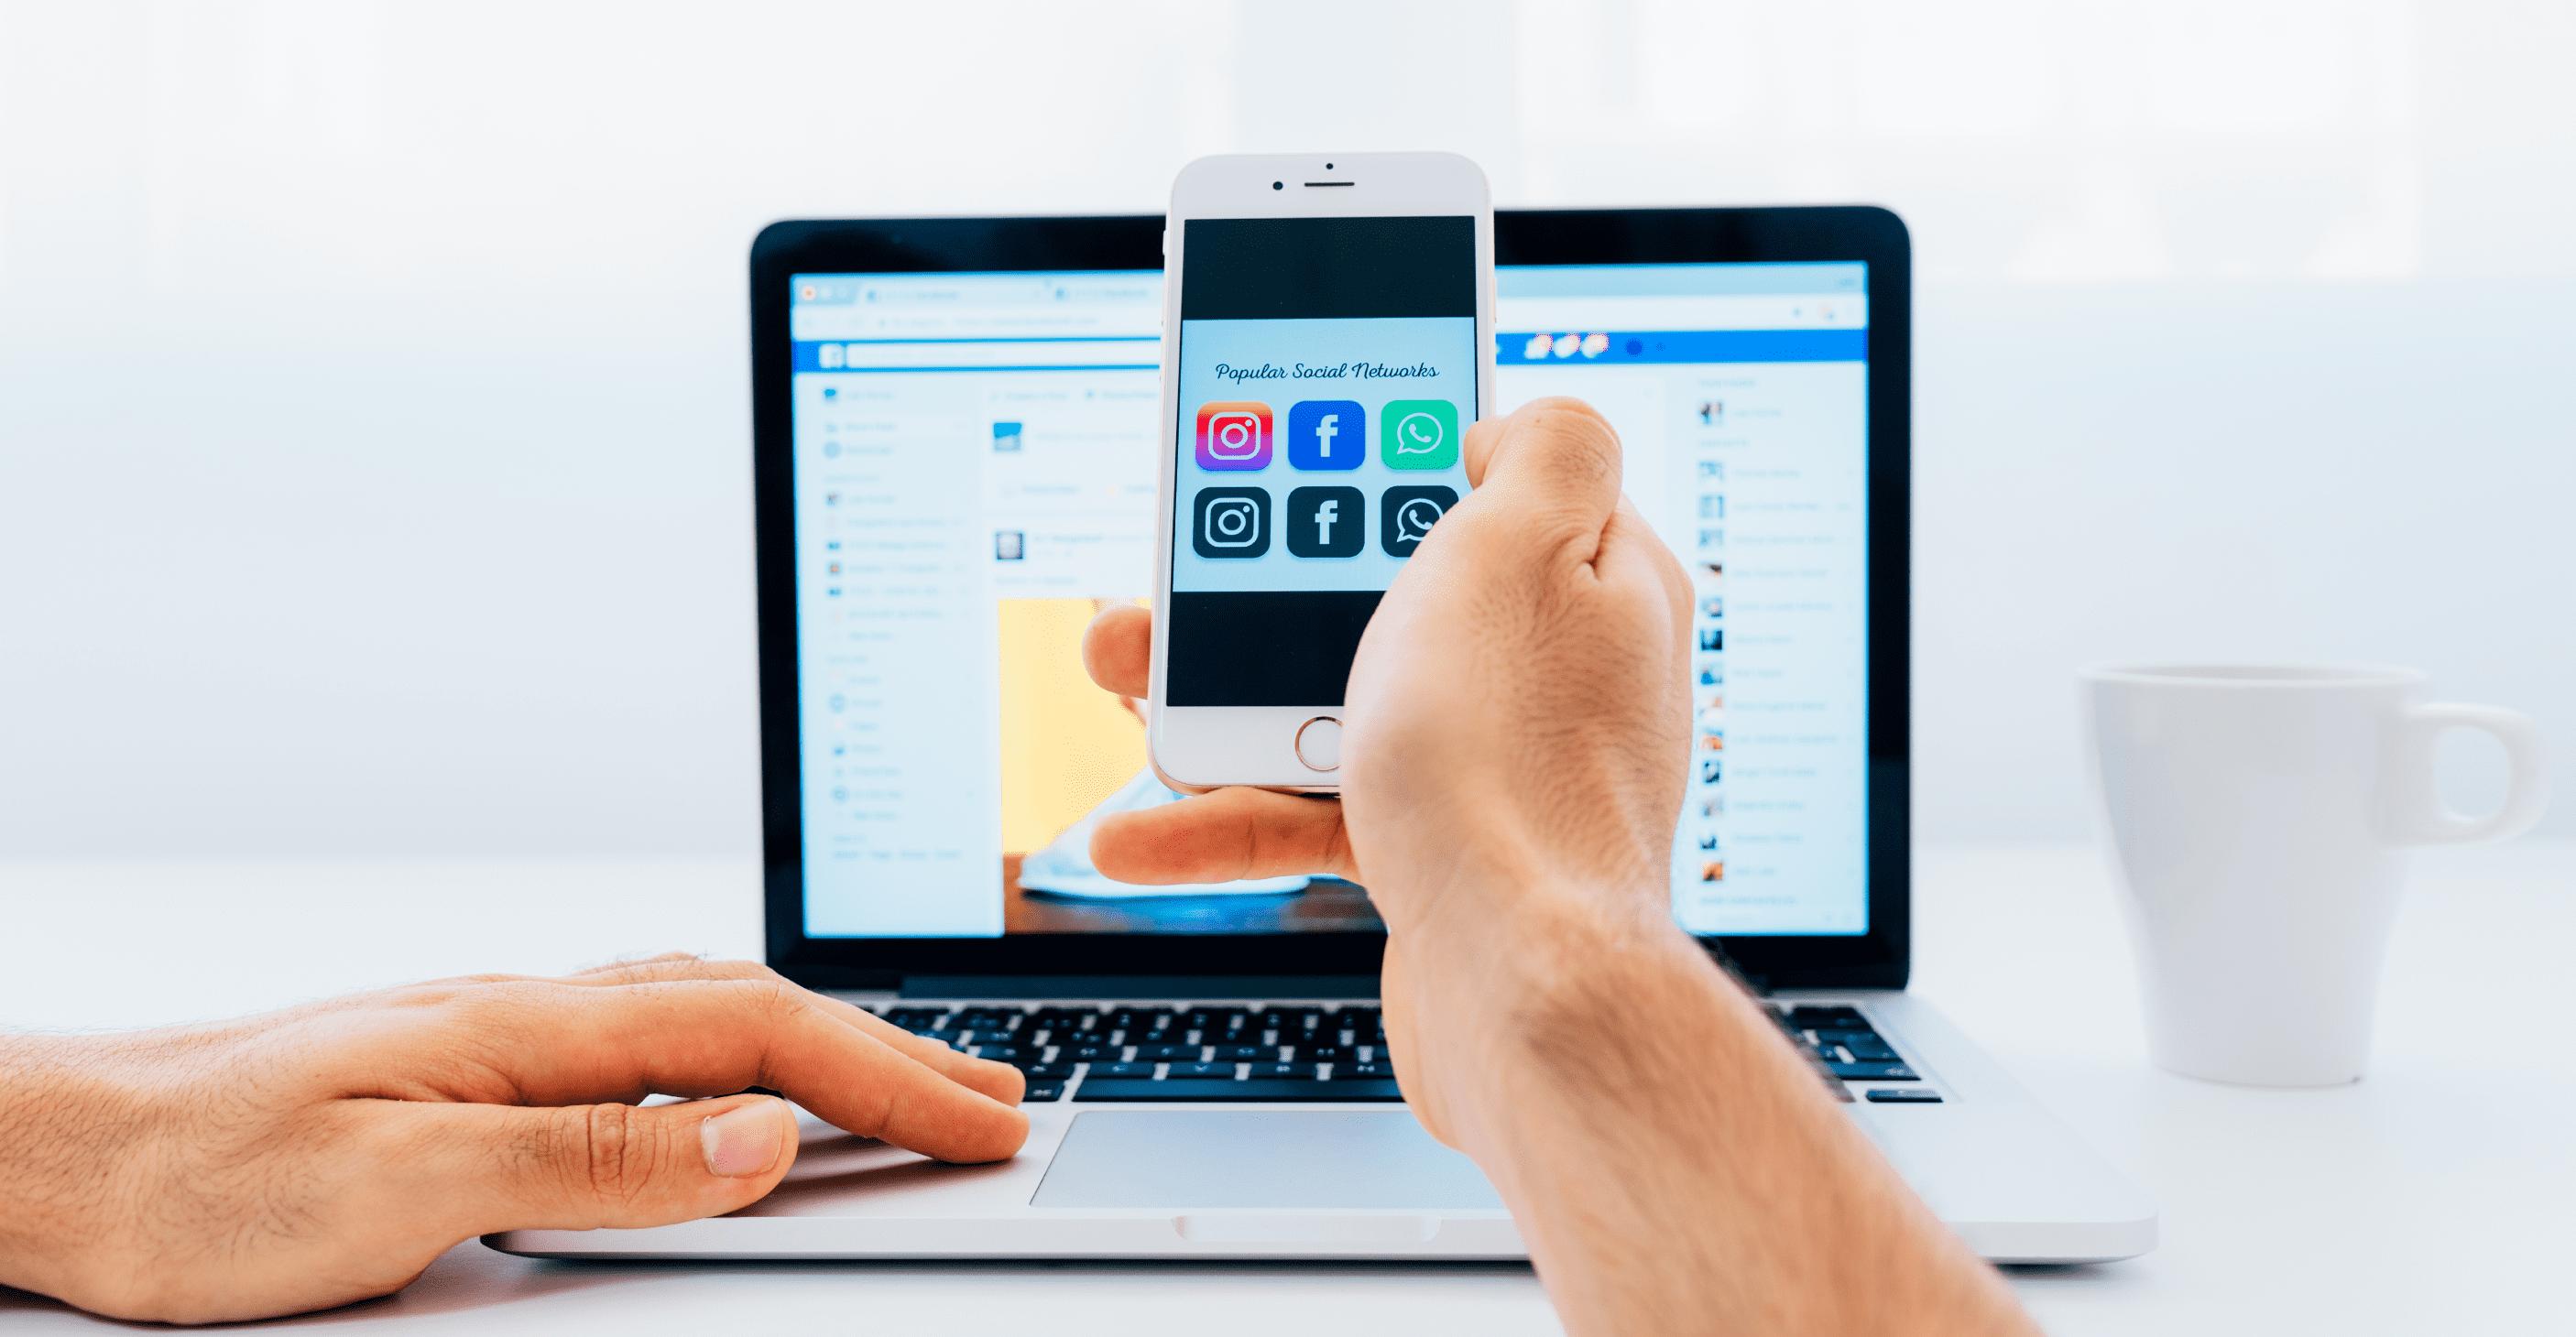 Pesquisa de redes sociais em smartphone e computador